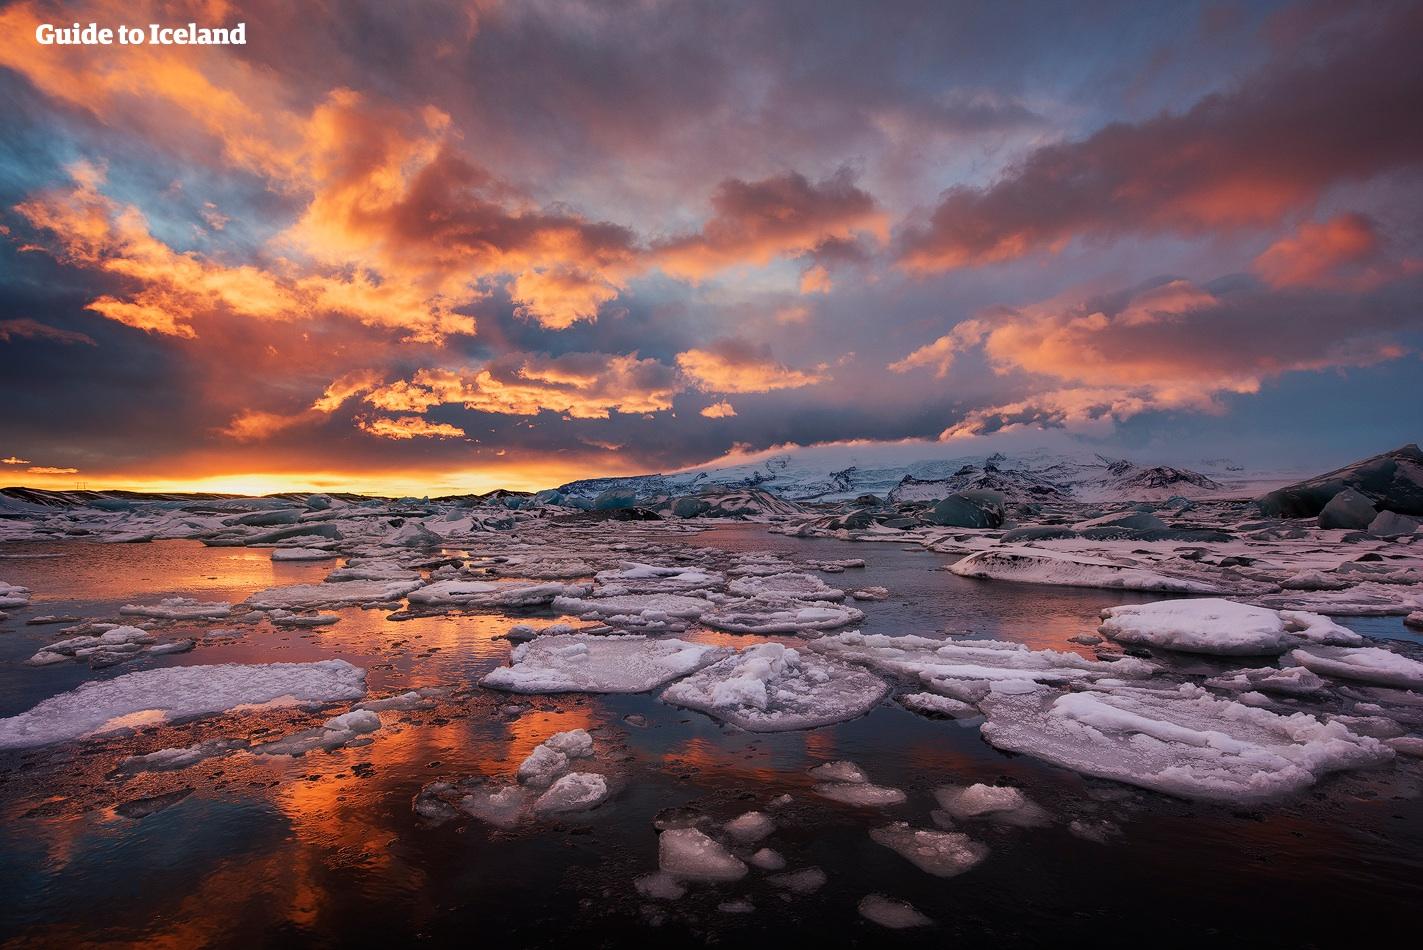 De middernachtzon biedt eindeloze mogelijkheden om de vele wonderen bij de gletsjerlagune Jökulsárlón in het zuidoosten van IJsland te ontdekken.